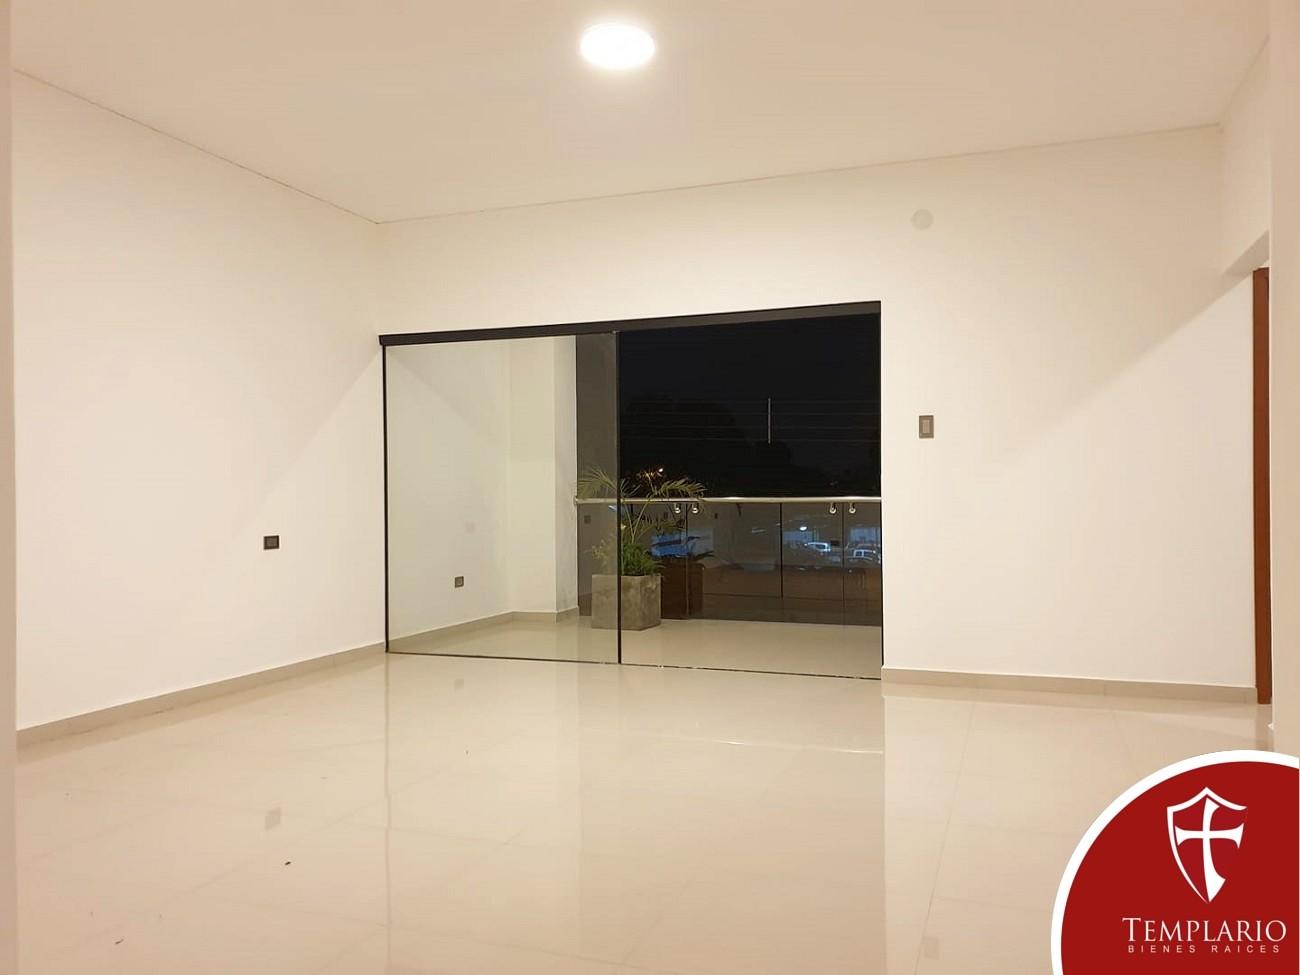 Casa en Venta Av. Santos Dumont 3er y 4to Anillo - Vecindario Residencial Foto 14